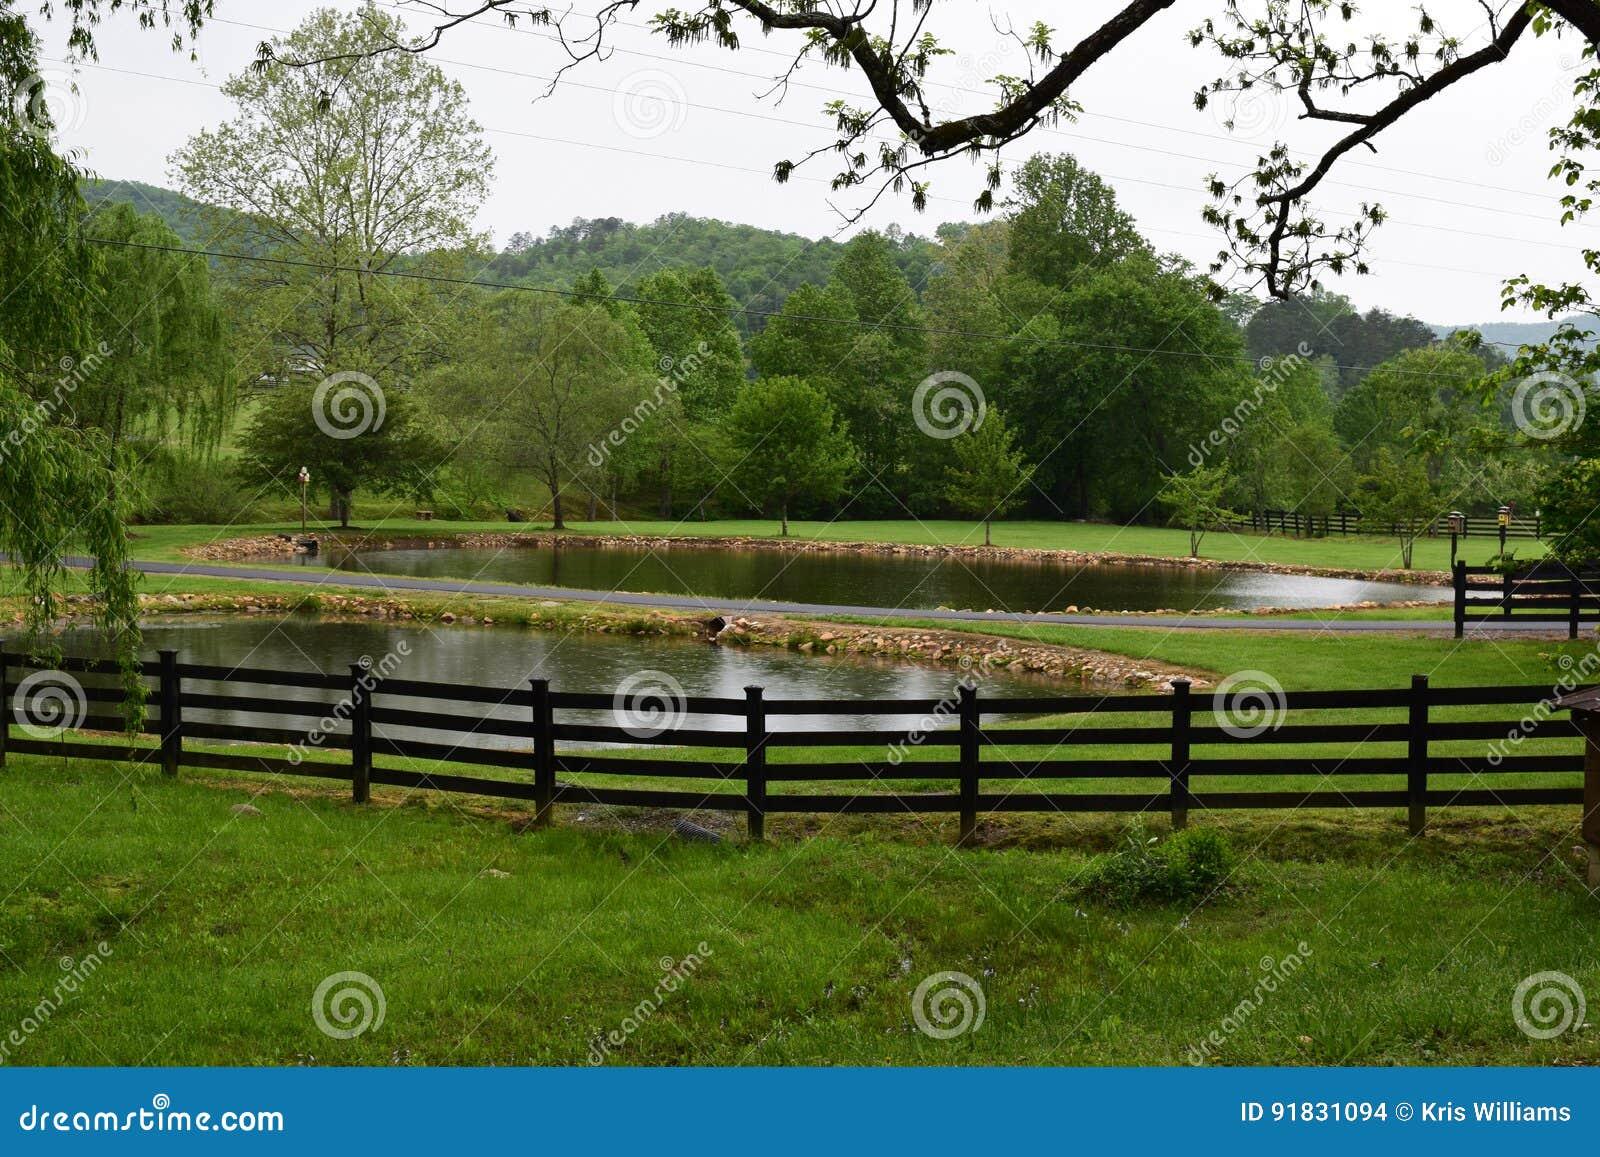 Western NC rural country mountain farm